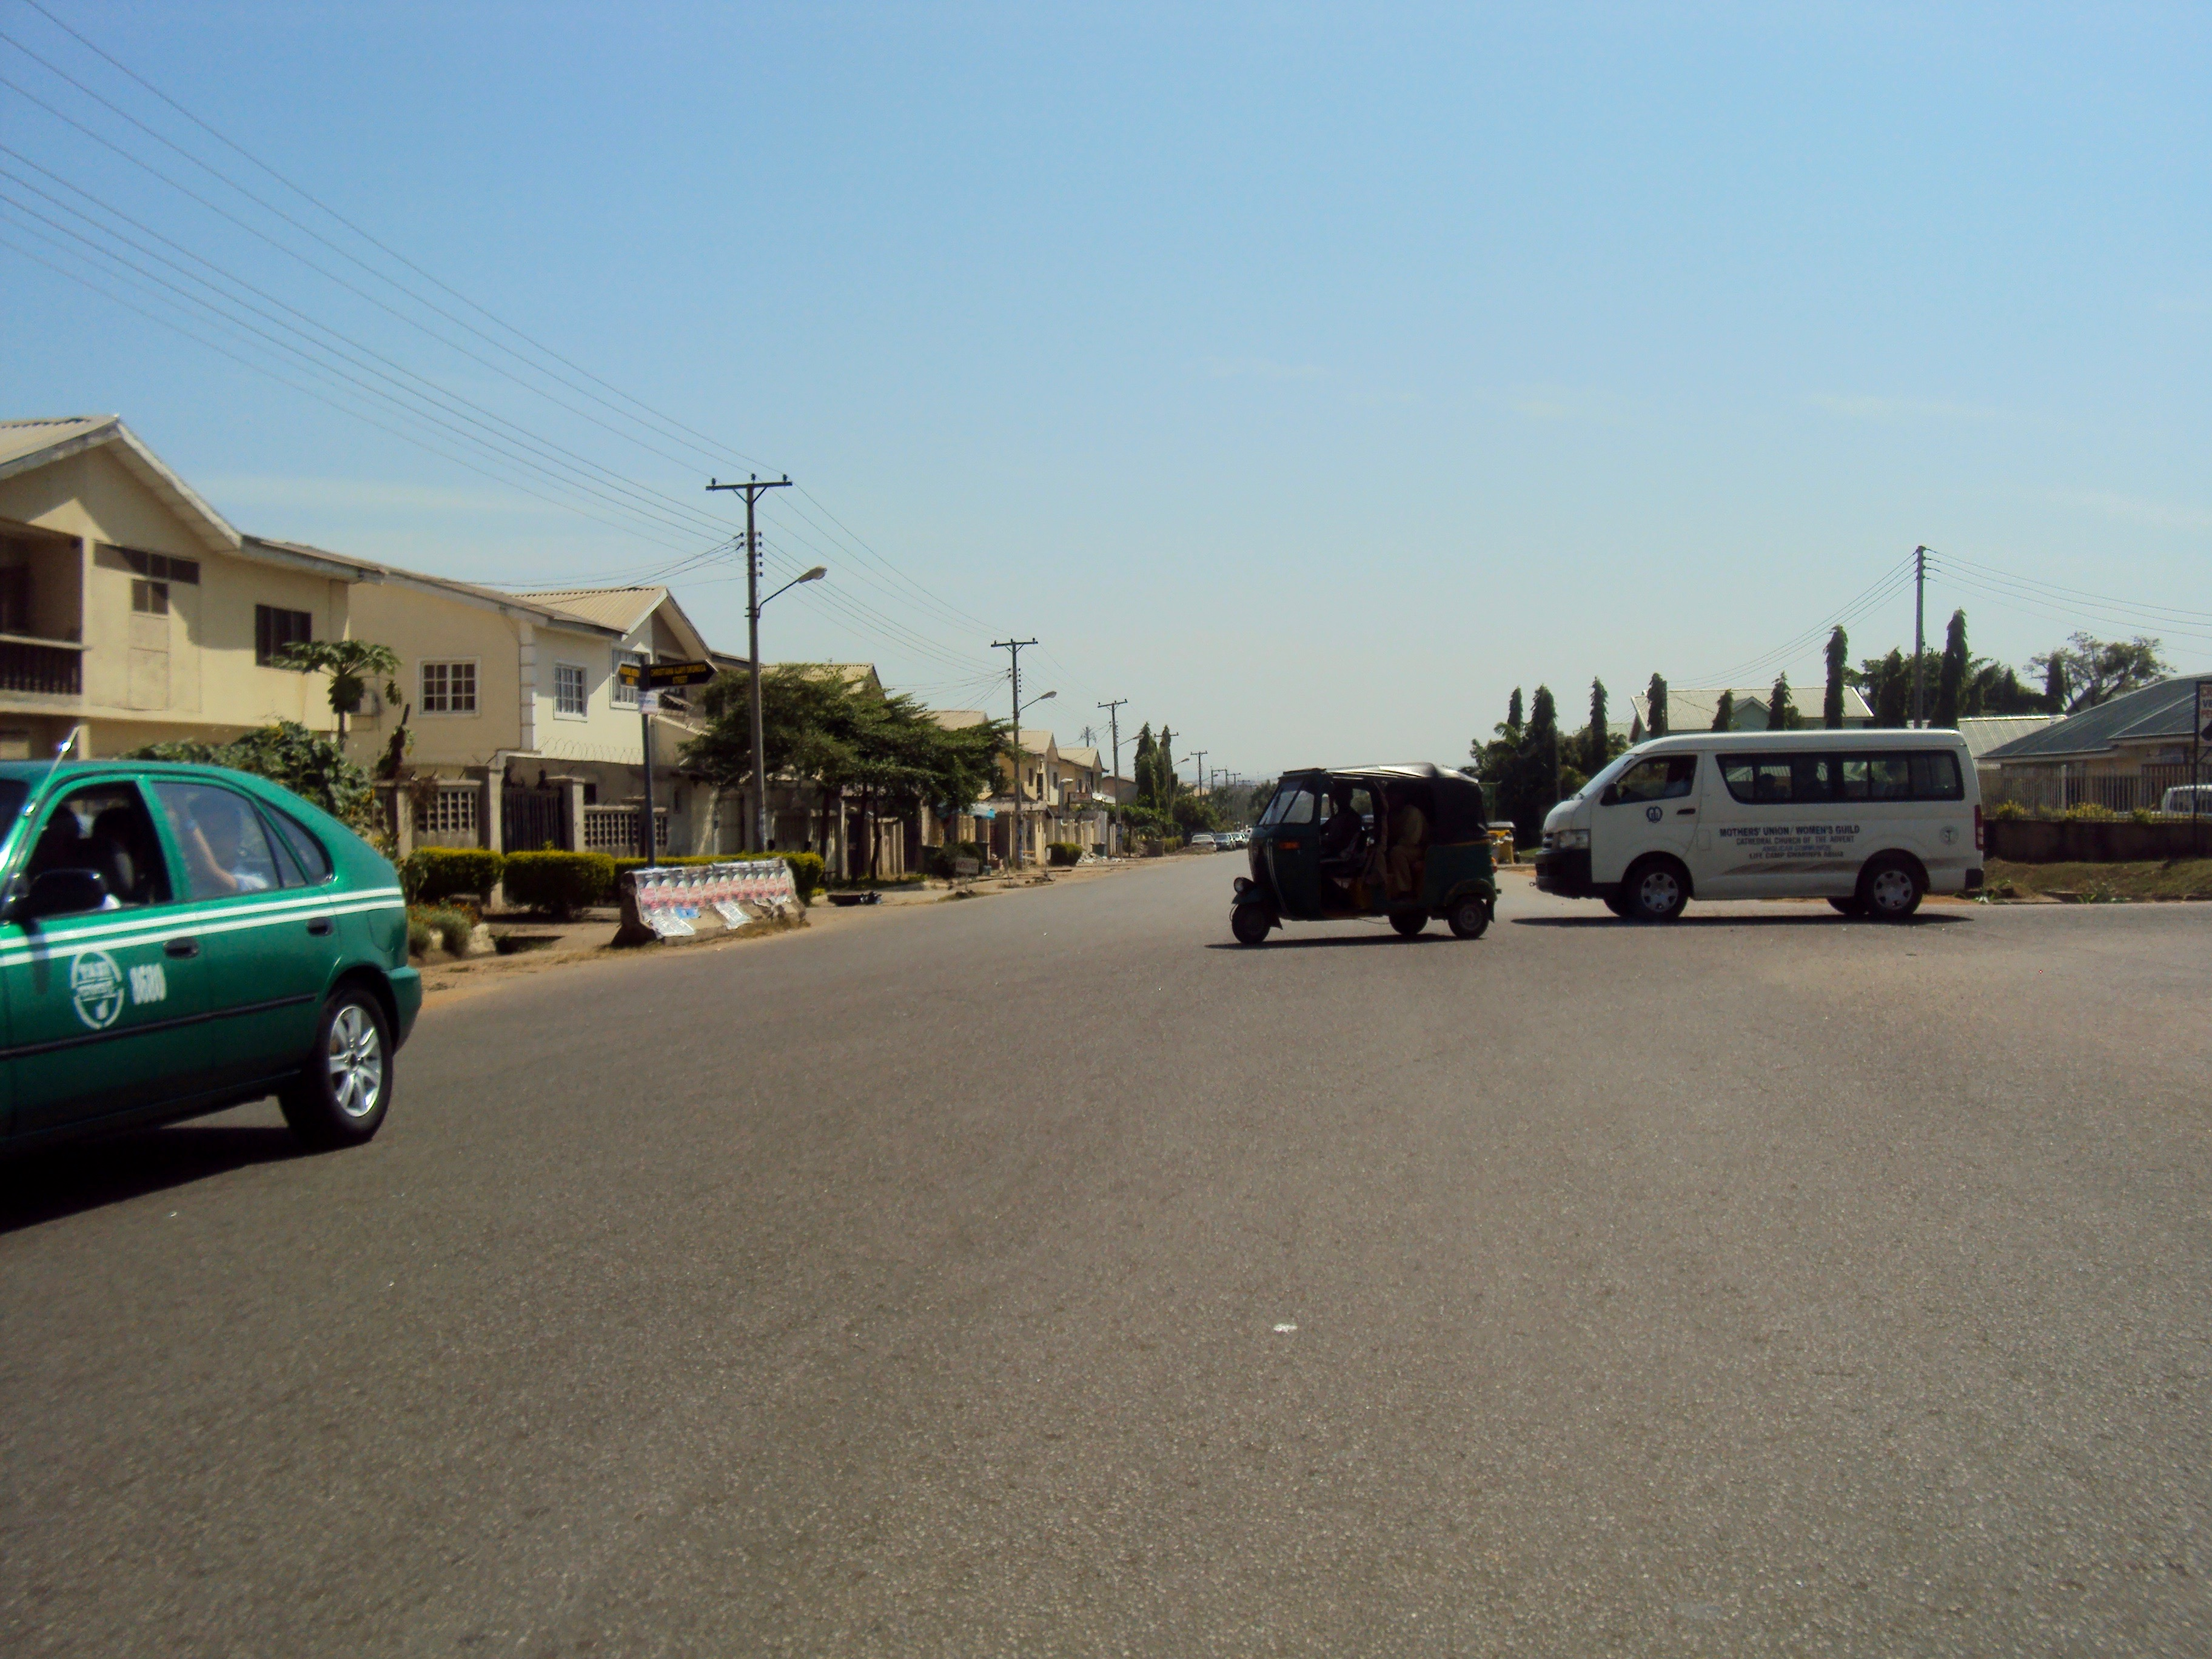 Street scene in Gwarinpa, FCT, Abuja, Nigeria. #JujuFilms